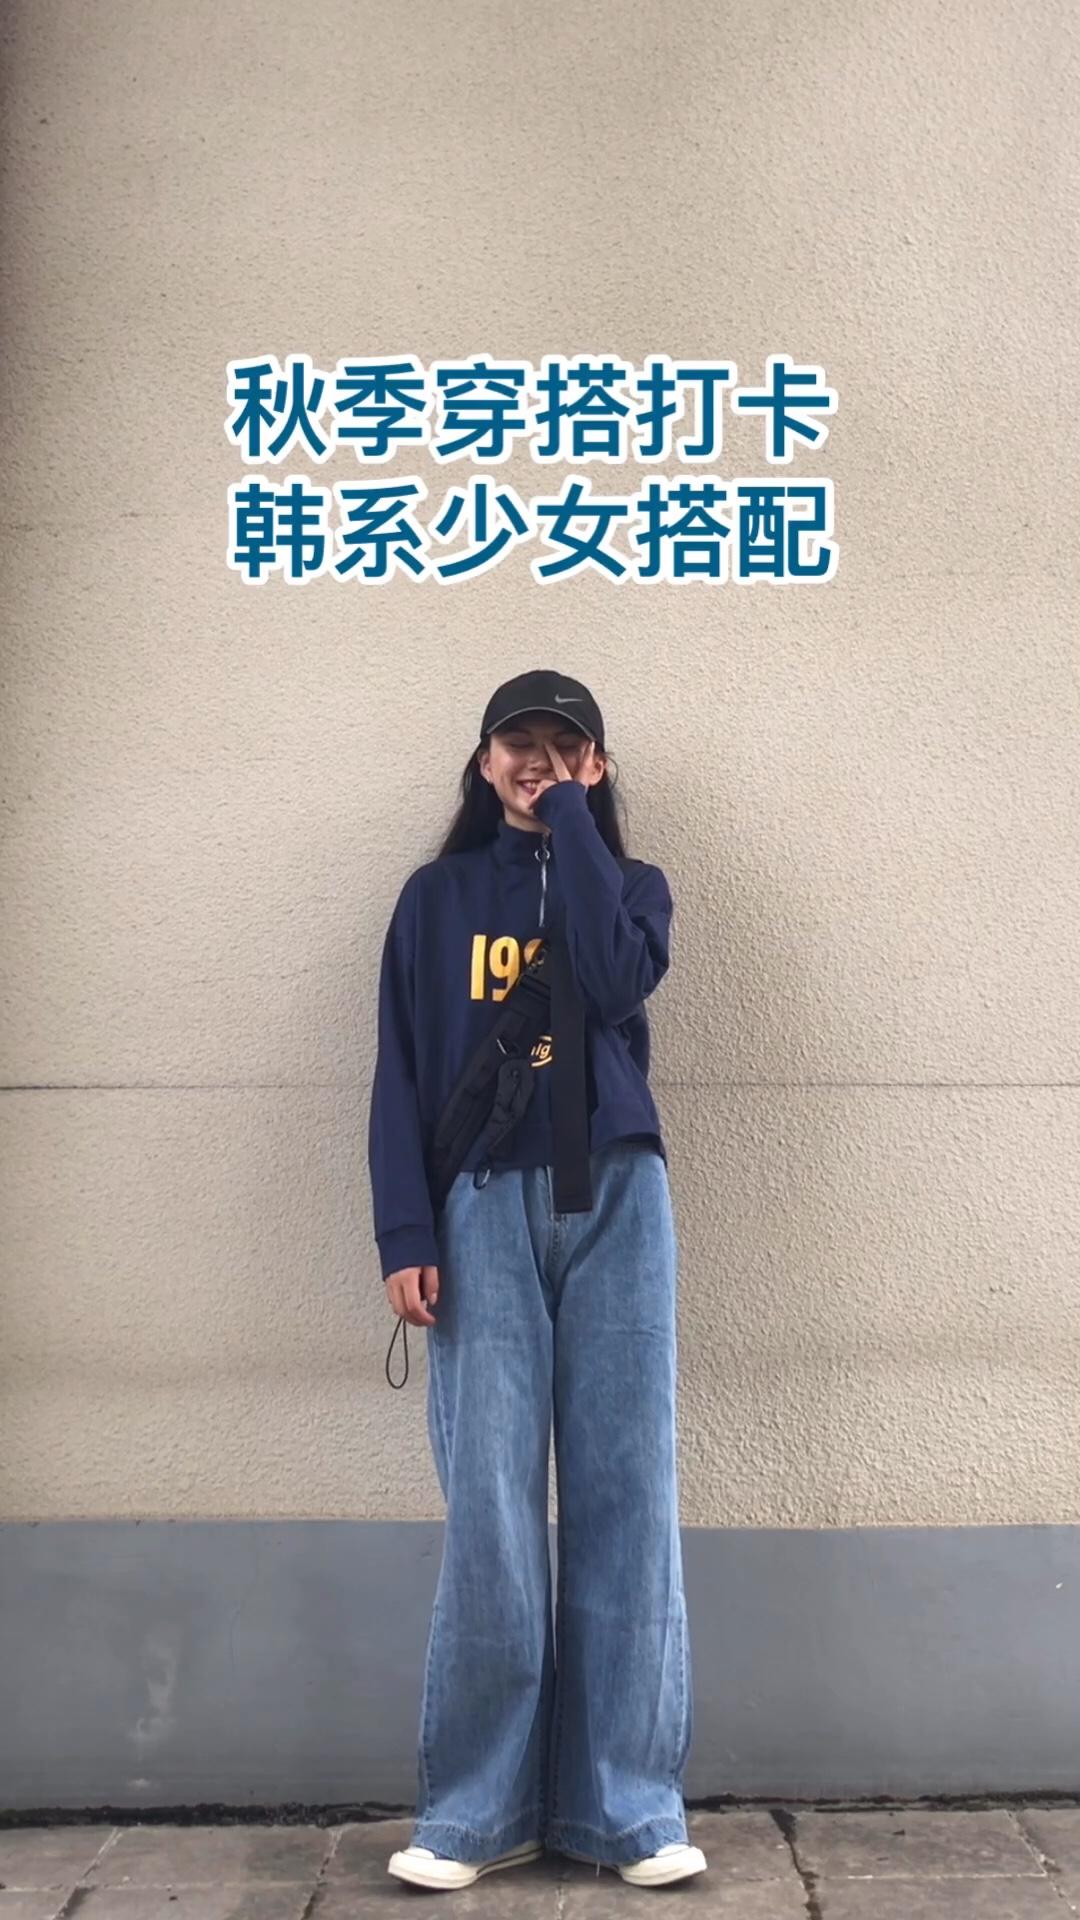 身高160 体重45 南方 这次搭配选择了秋装搭配宽松牛仔裤,以韩系学生党为主的风格来,全身有同色系的服饰和配饰,搭配起来快速完整。而且宽松长裤很显瘦高,小矮个的我穿起来腿长一米二了。 分享小个子穿搭,学习穿搭可以关注我哦!#秋装上新穿搭打卡#